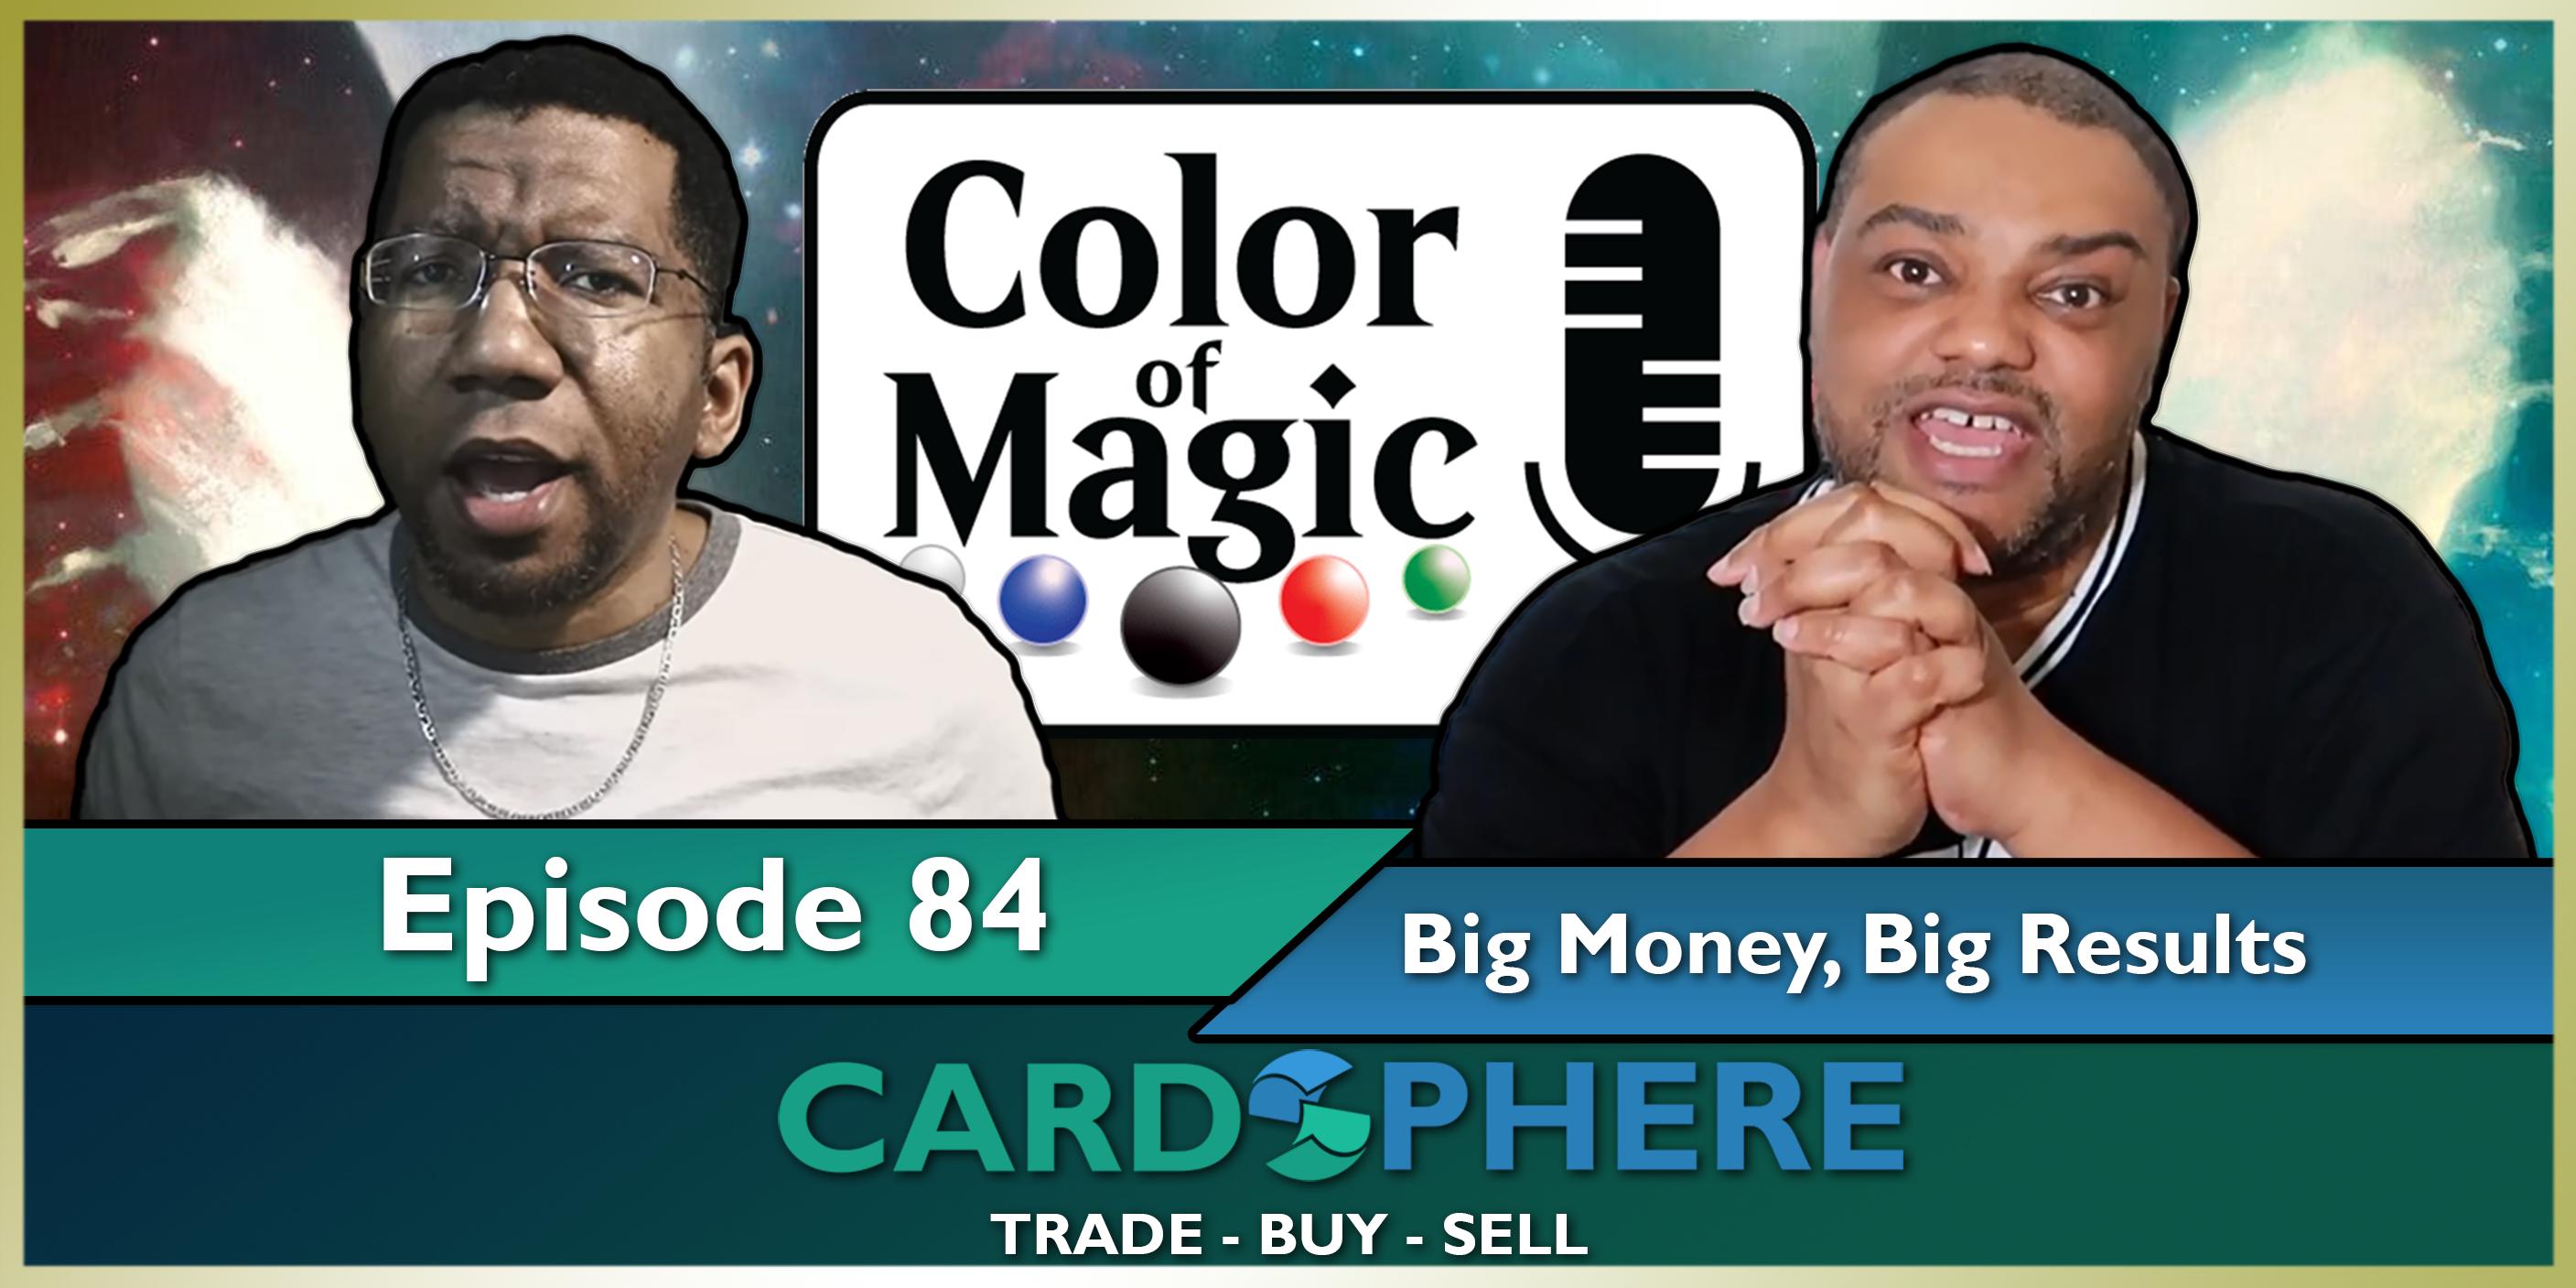 Color of Magic Episode 84 - Big Money, Big Results